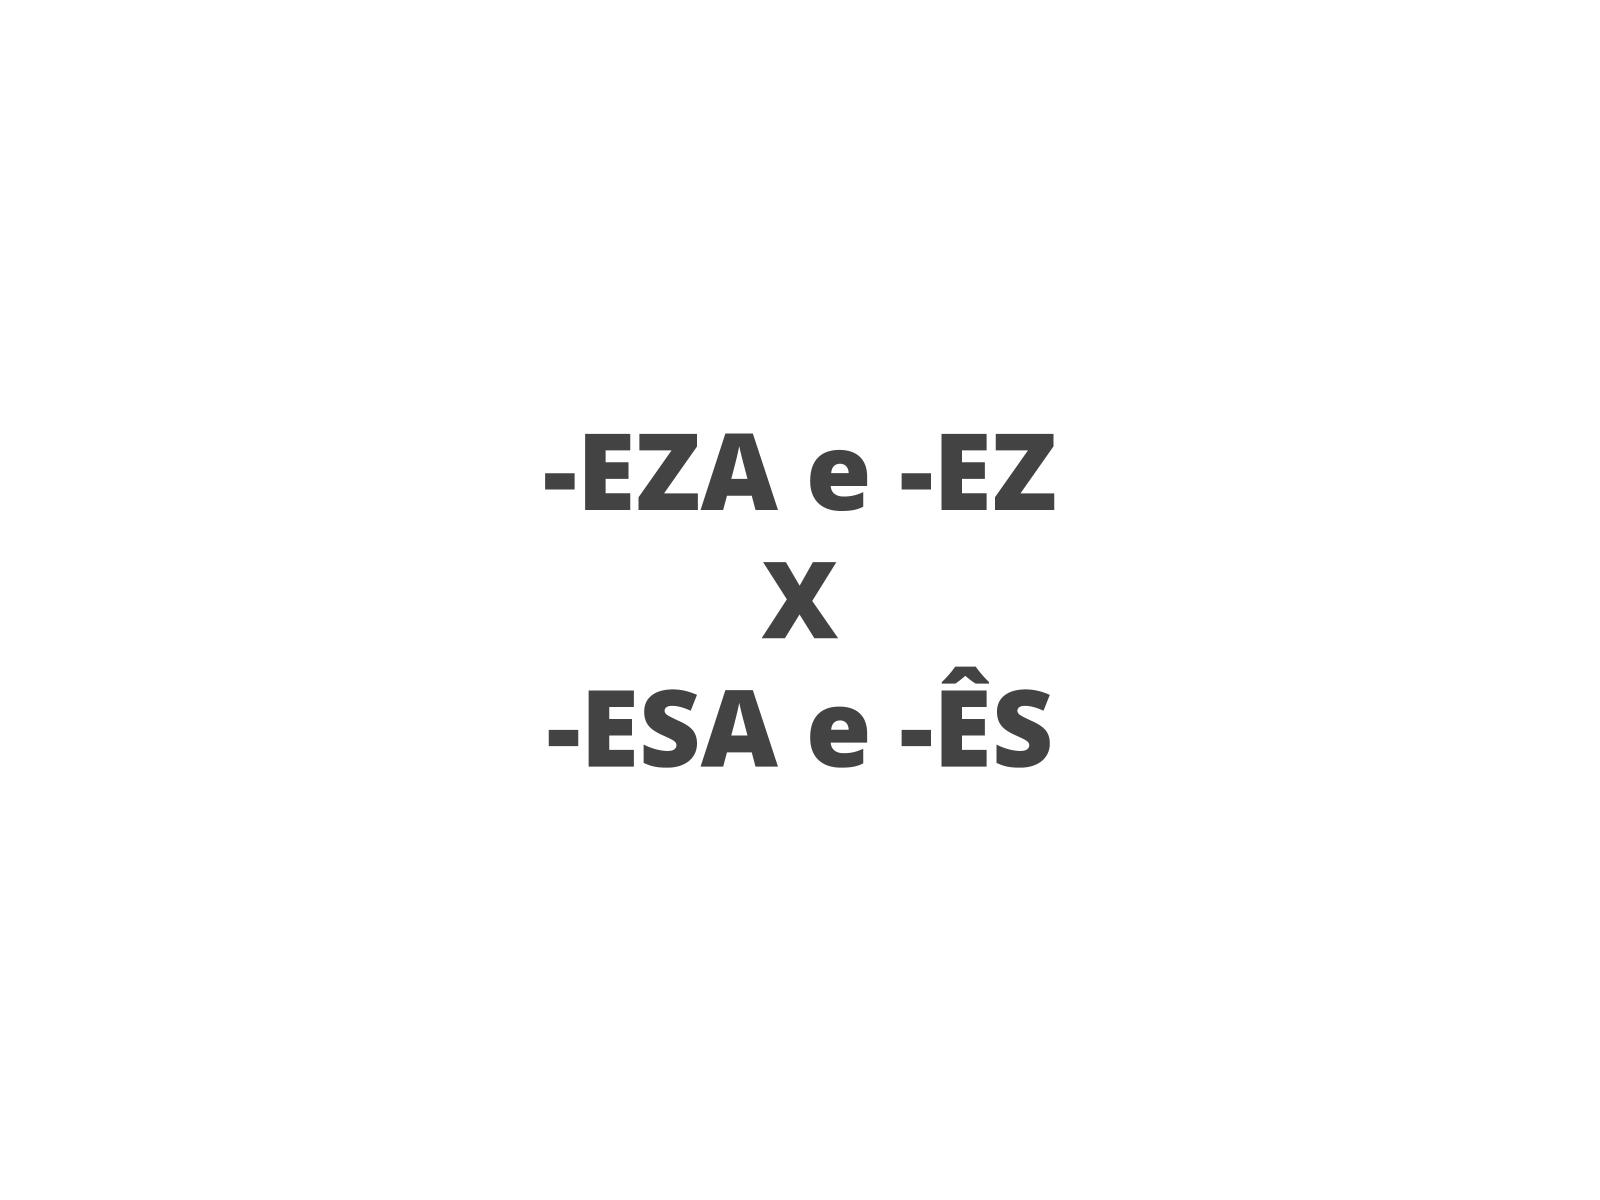 Palavras derivadas pelos sufixos -ez e -eza: como funciona?